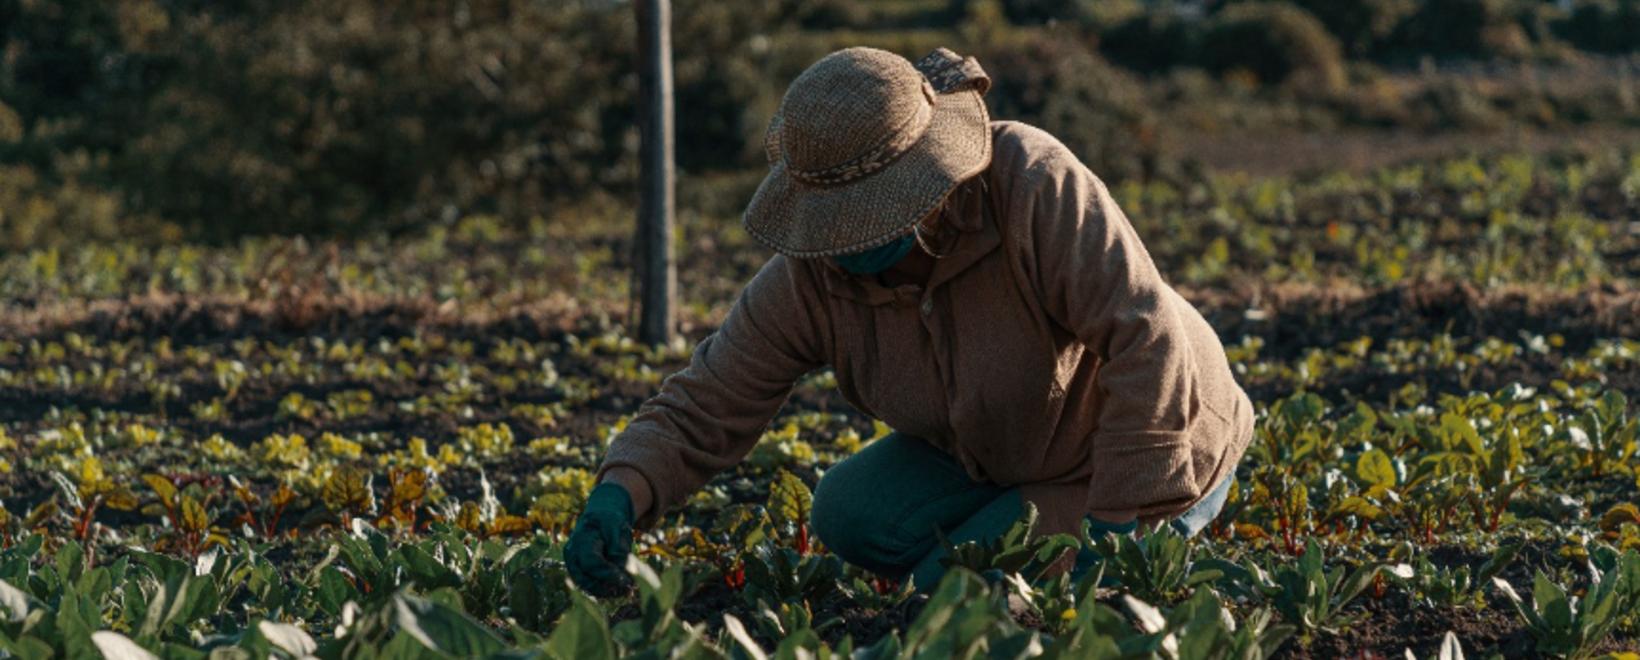 Campesinos Cultivos Alimentos